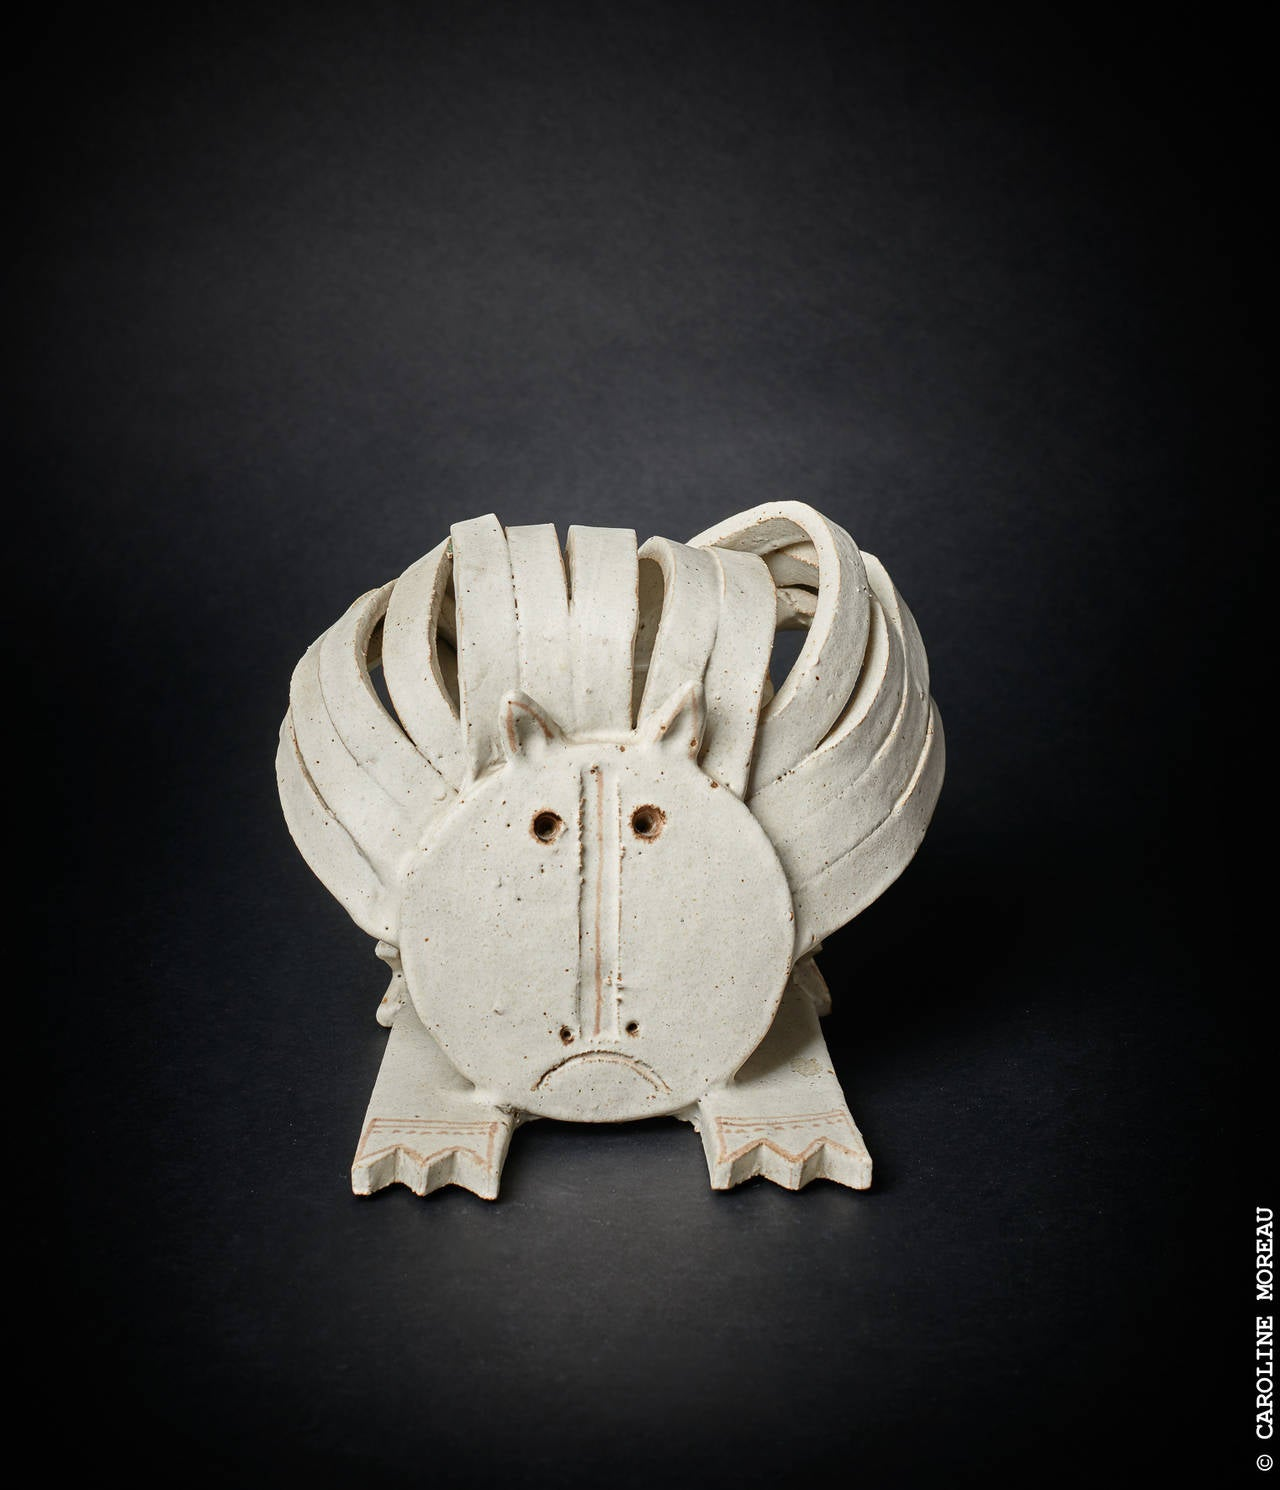 Cat Ceramic Sculpture by Bruno Gambone 1970's 6